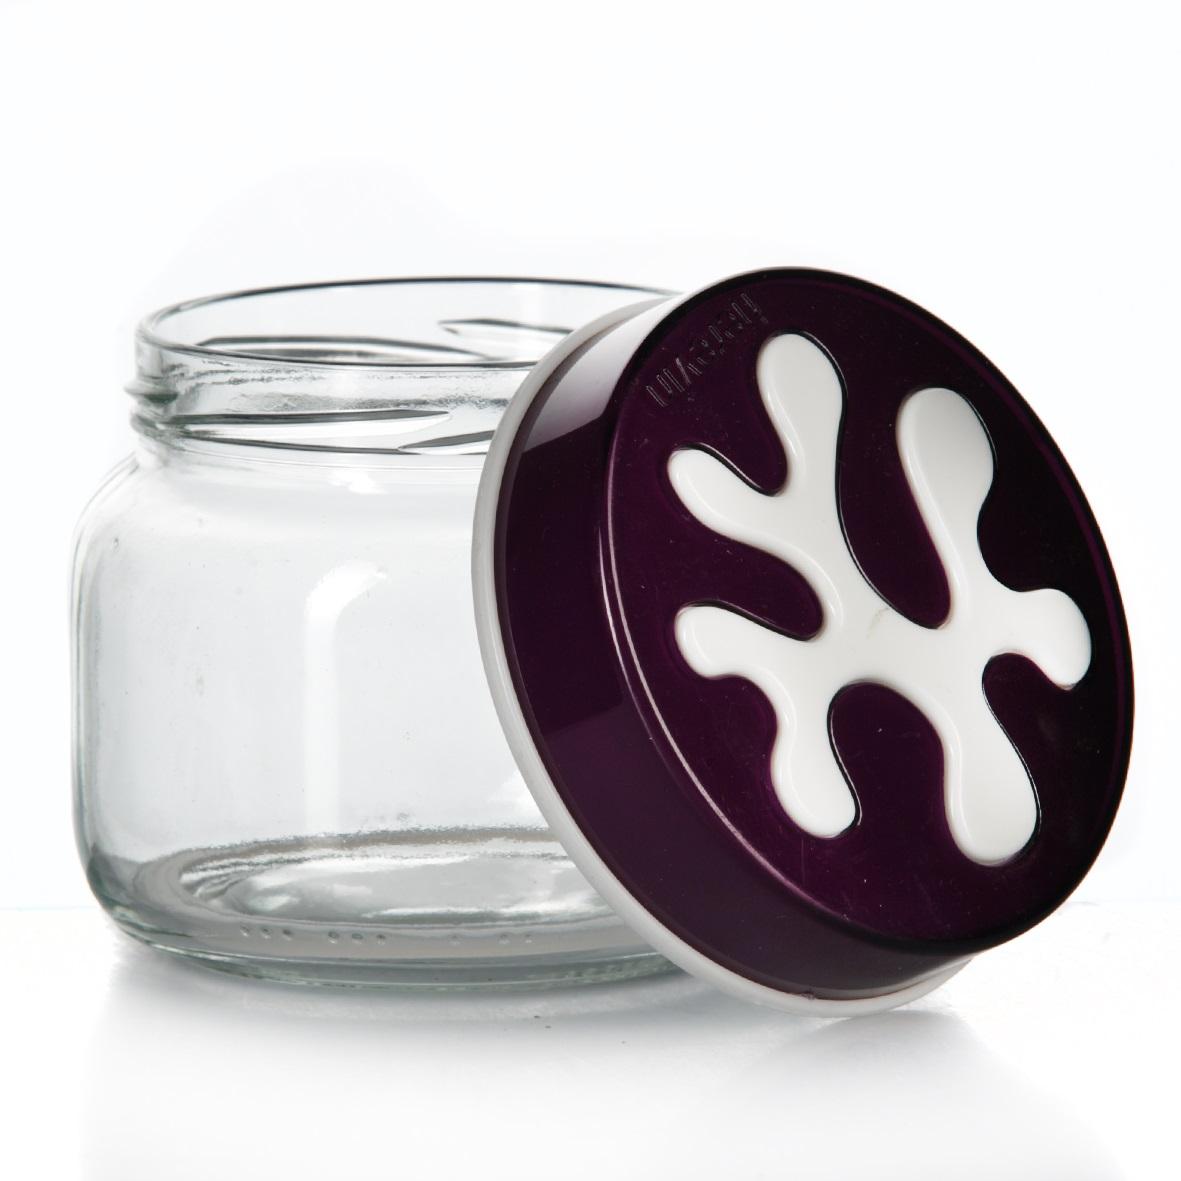 Банка для сыпучих продуктов Herevin, цвет: фиолетовый, 400 мл. 135357-003135357-003Банка для сыпучих продуктов Herevin изготовлена из прочного стекла и оснащена плотно закрывающейся пластиковой крышкой. Благодаря этому внутри сохраняется герметичность, и продукты дольше остаются свежими. Изделие предназначено для хранения различных сыпучих продуктов: круп, чая, сахара, орехов и т.д. Функциональная и вместительная, такая банка станет незаменимым аксессуаром на любой кухне. Можно мыть в посудомоечной машине. Пластиковые части рекомендуется мыть вручную.Объем: 400 мл.Диаметр (по верхнему краю): 7,5 см.Высота банки (без учета крышки): 8 см.